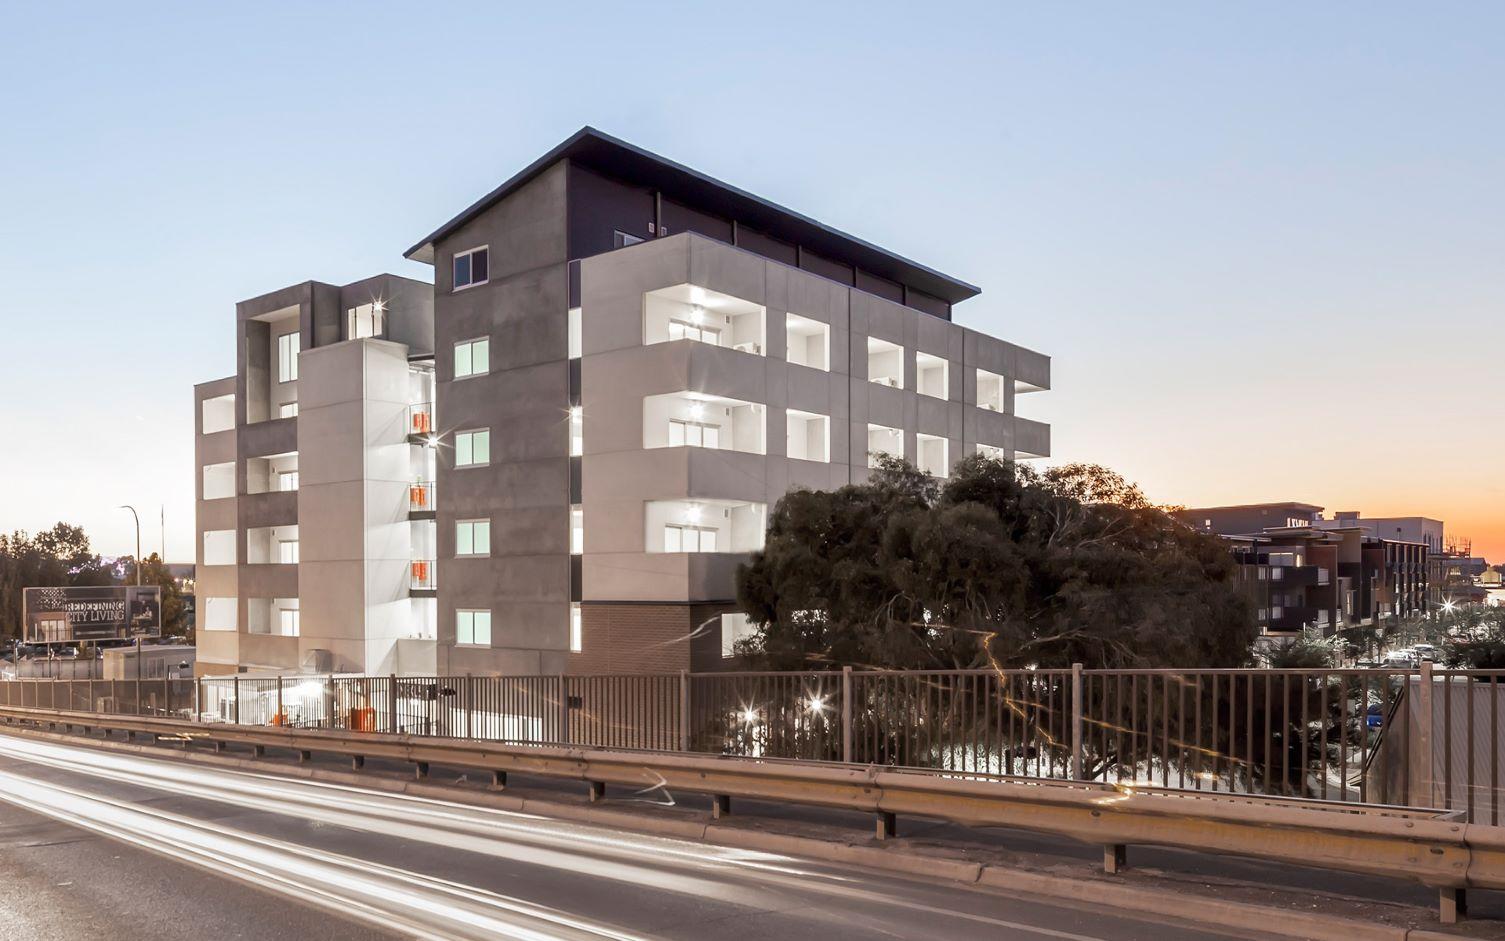 https://ggtiling.com.au/wp-content/uploads/2019/08/G-G-Tiling-Commercial-Nexus-Apartments-Bowden_2.jpg